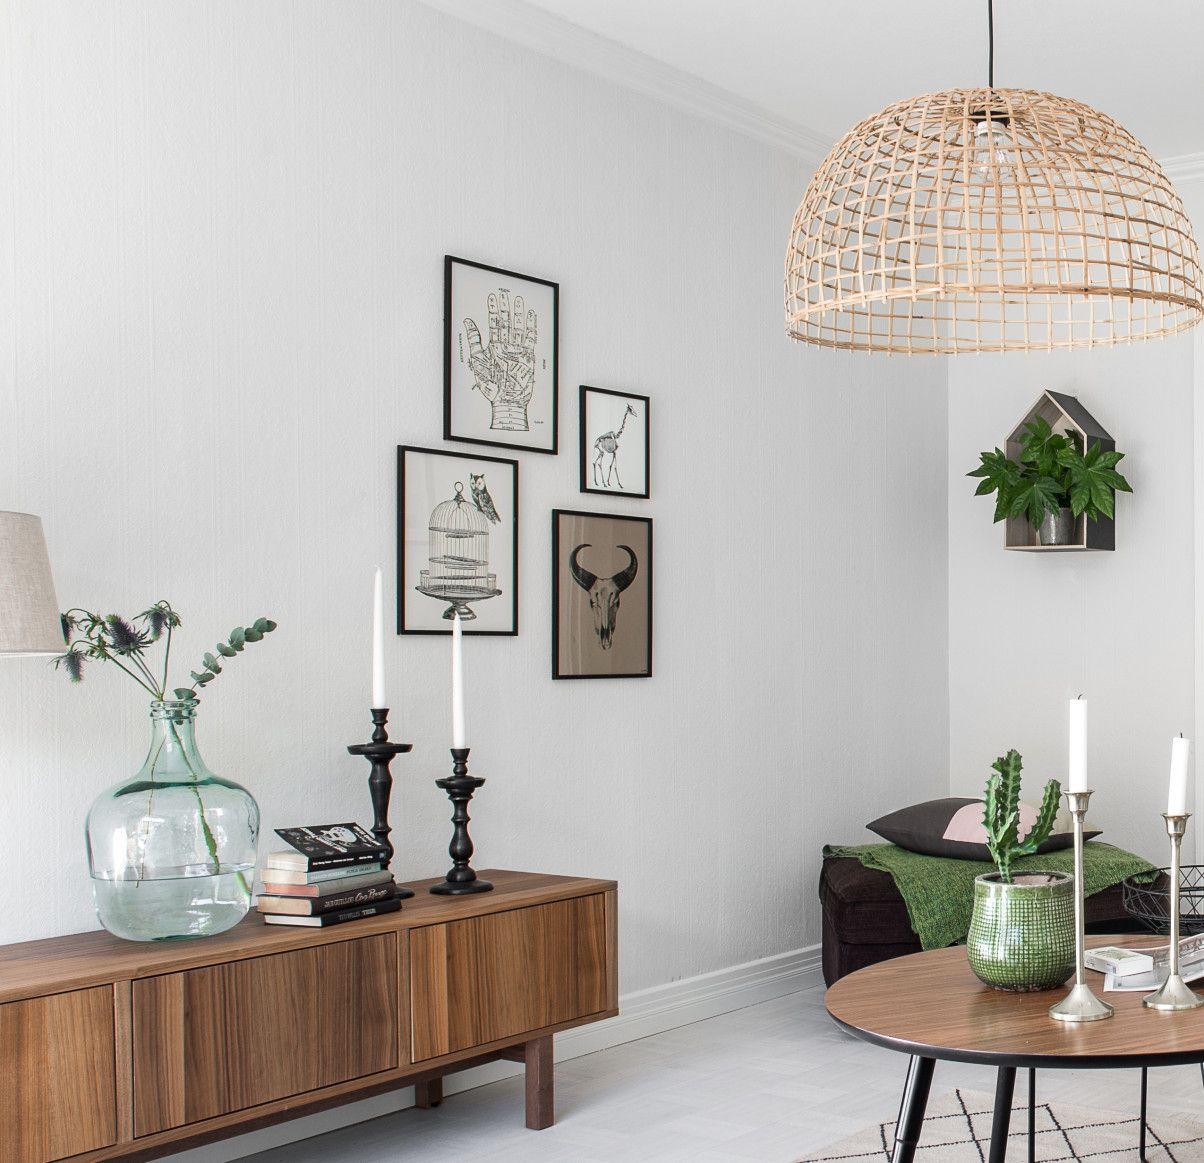 ikea 39 stockholm 39 lowboard l vbacken 39 retro side table pinteres. Black Bedroom Furniture Sets. Home Design Ideas